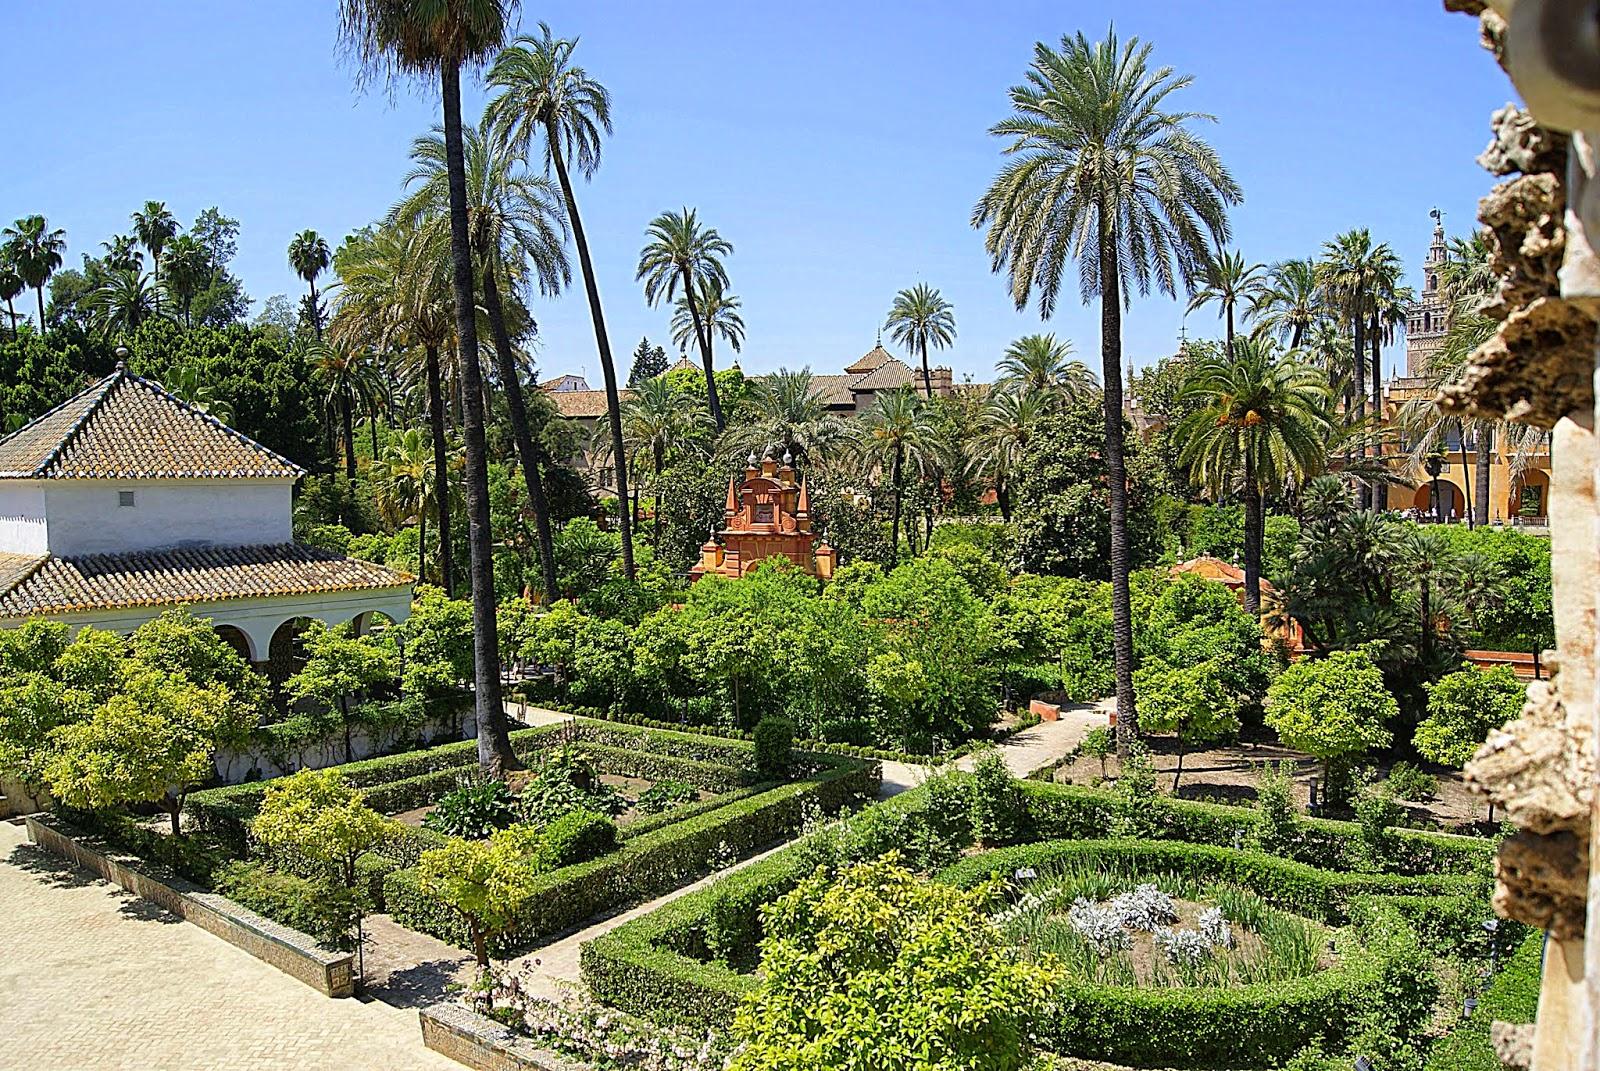 Leyendas de sevilla reales alc zares de sevilla vii - Jardines verticales sevilla ...